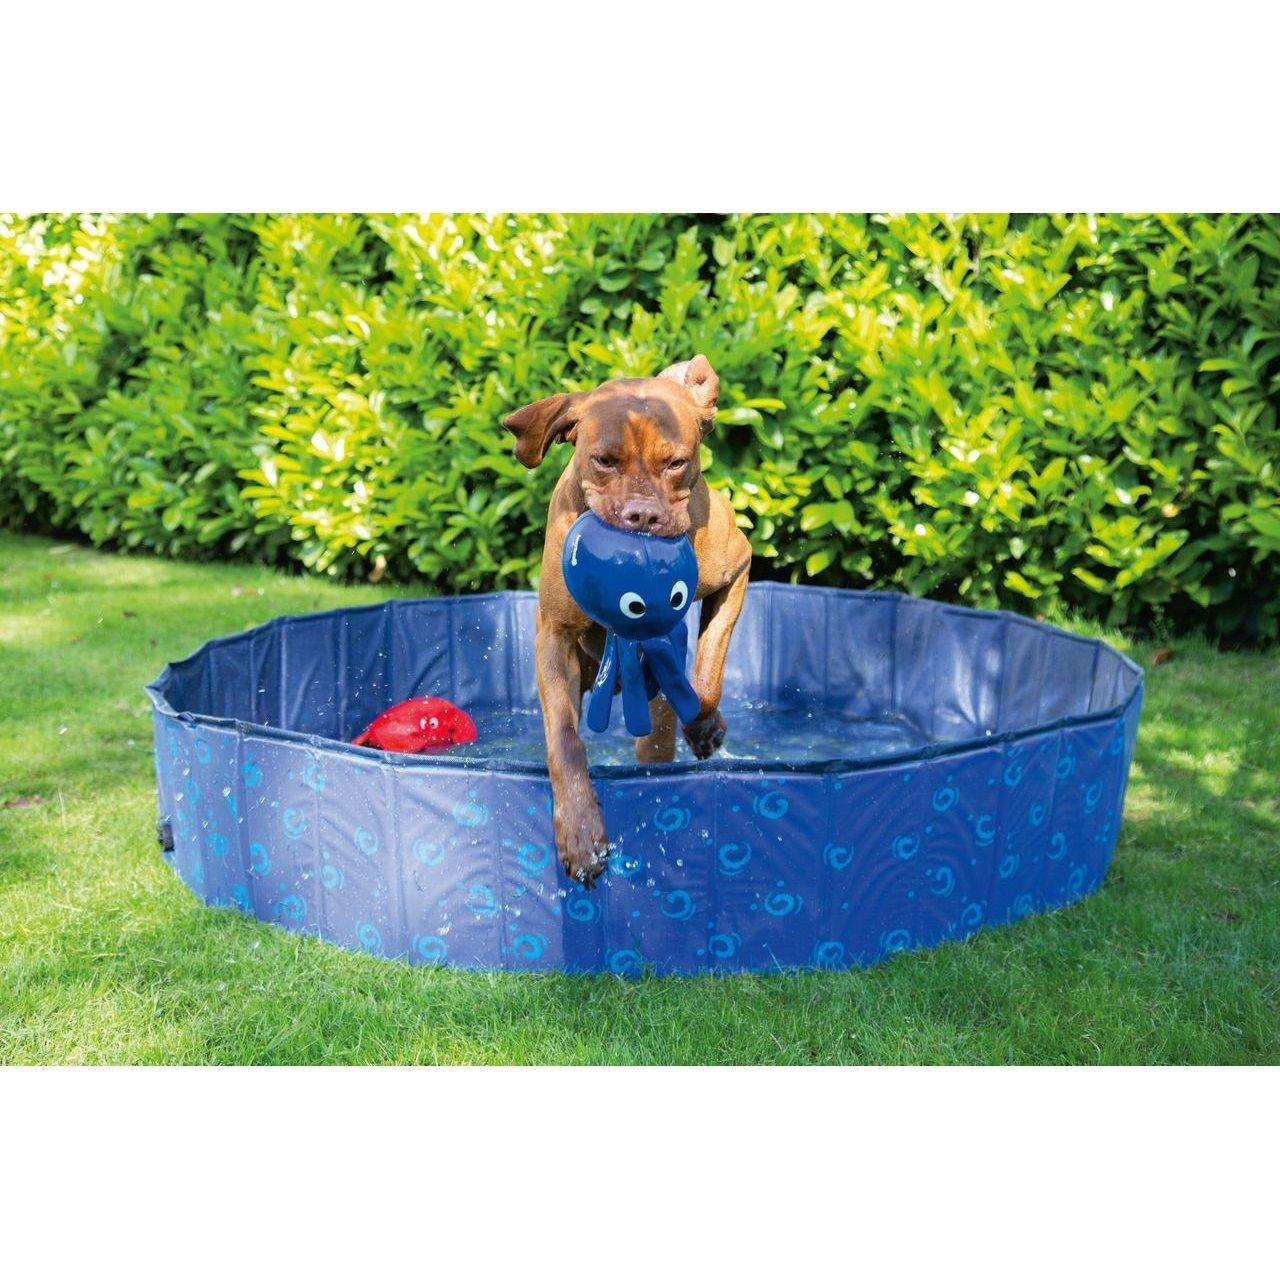 Karlie Doggy Pool, Bild 9